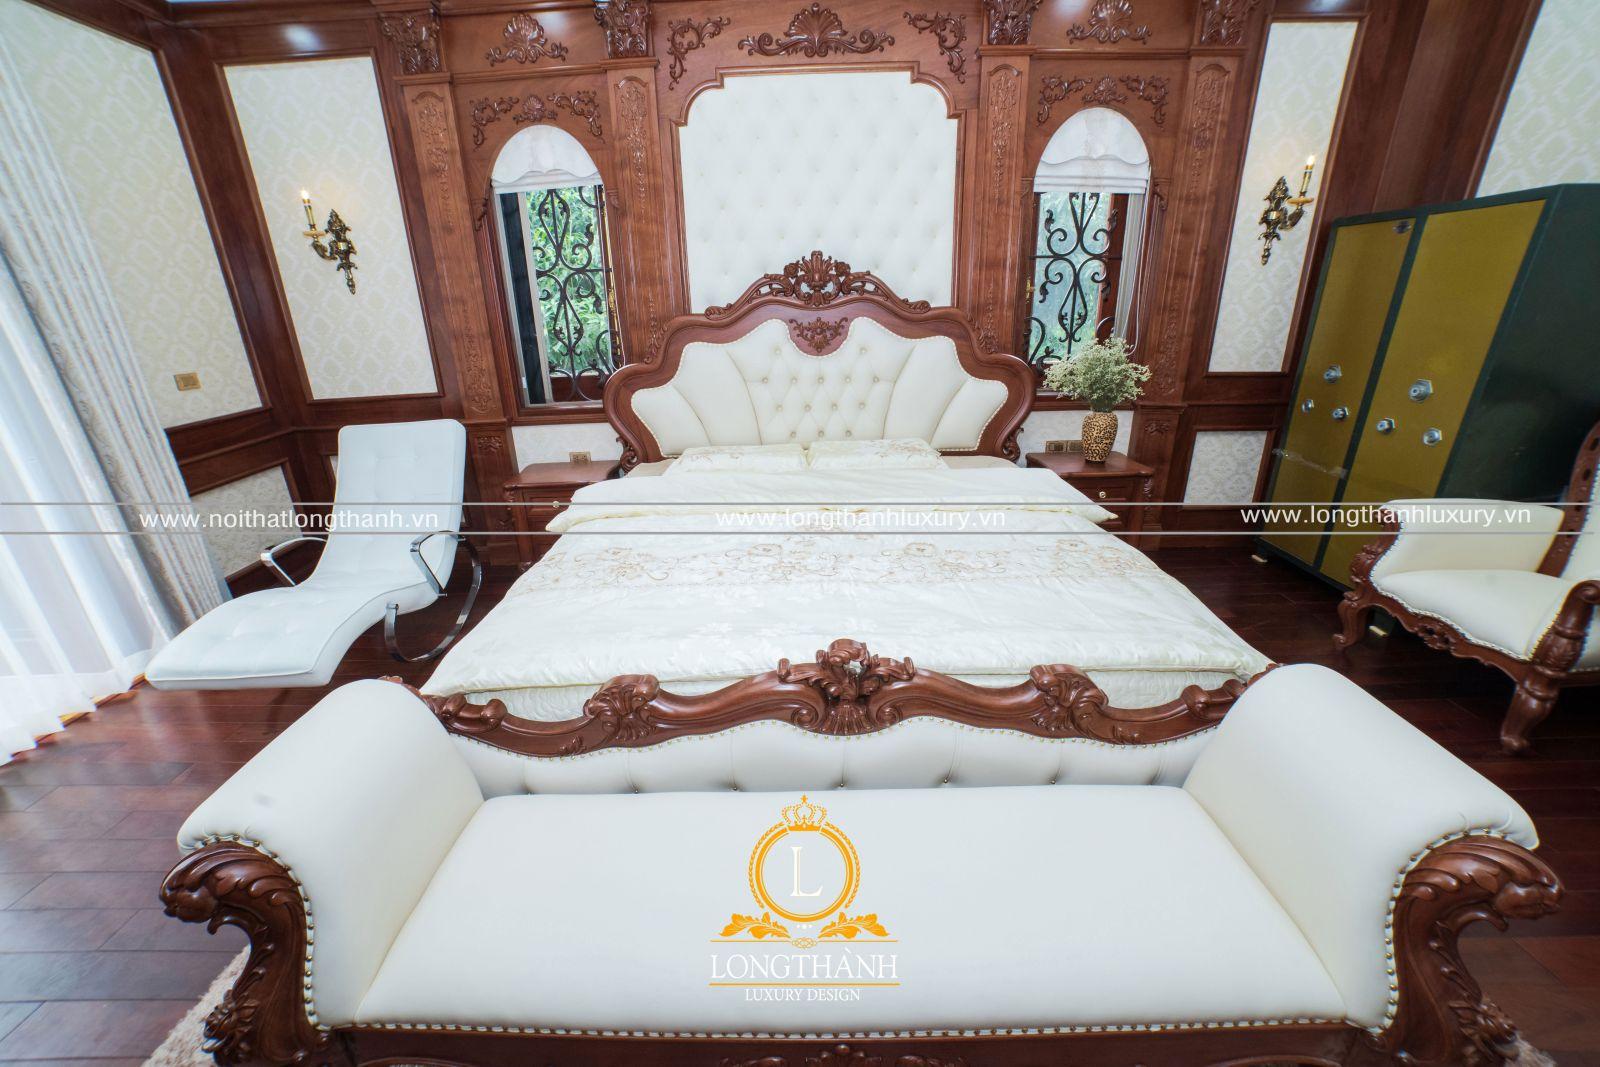 Giường ngủ tân cổ điển với gỗ Gõ đỏ tự nhiên cao cấp